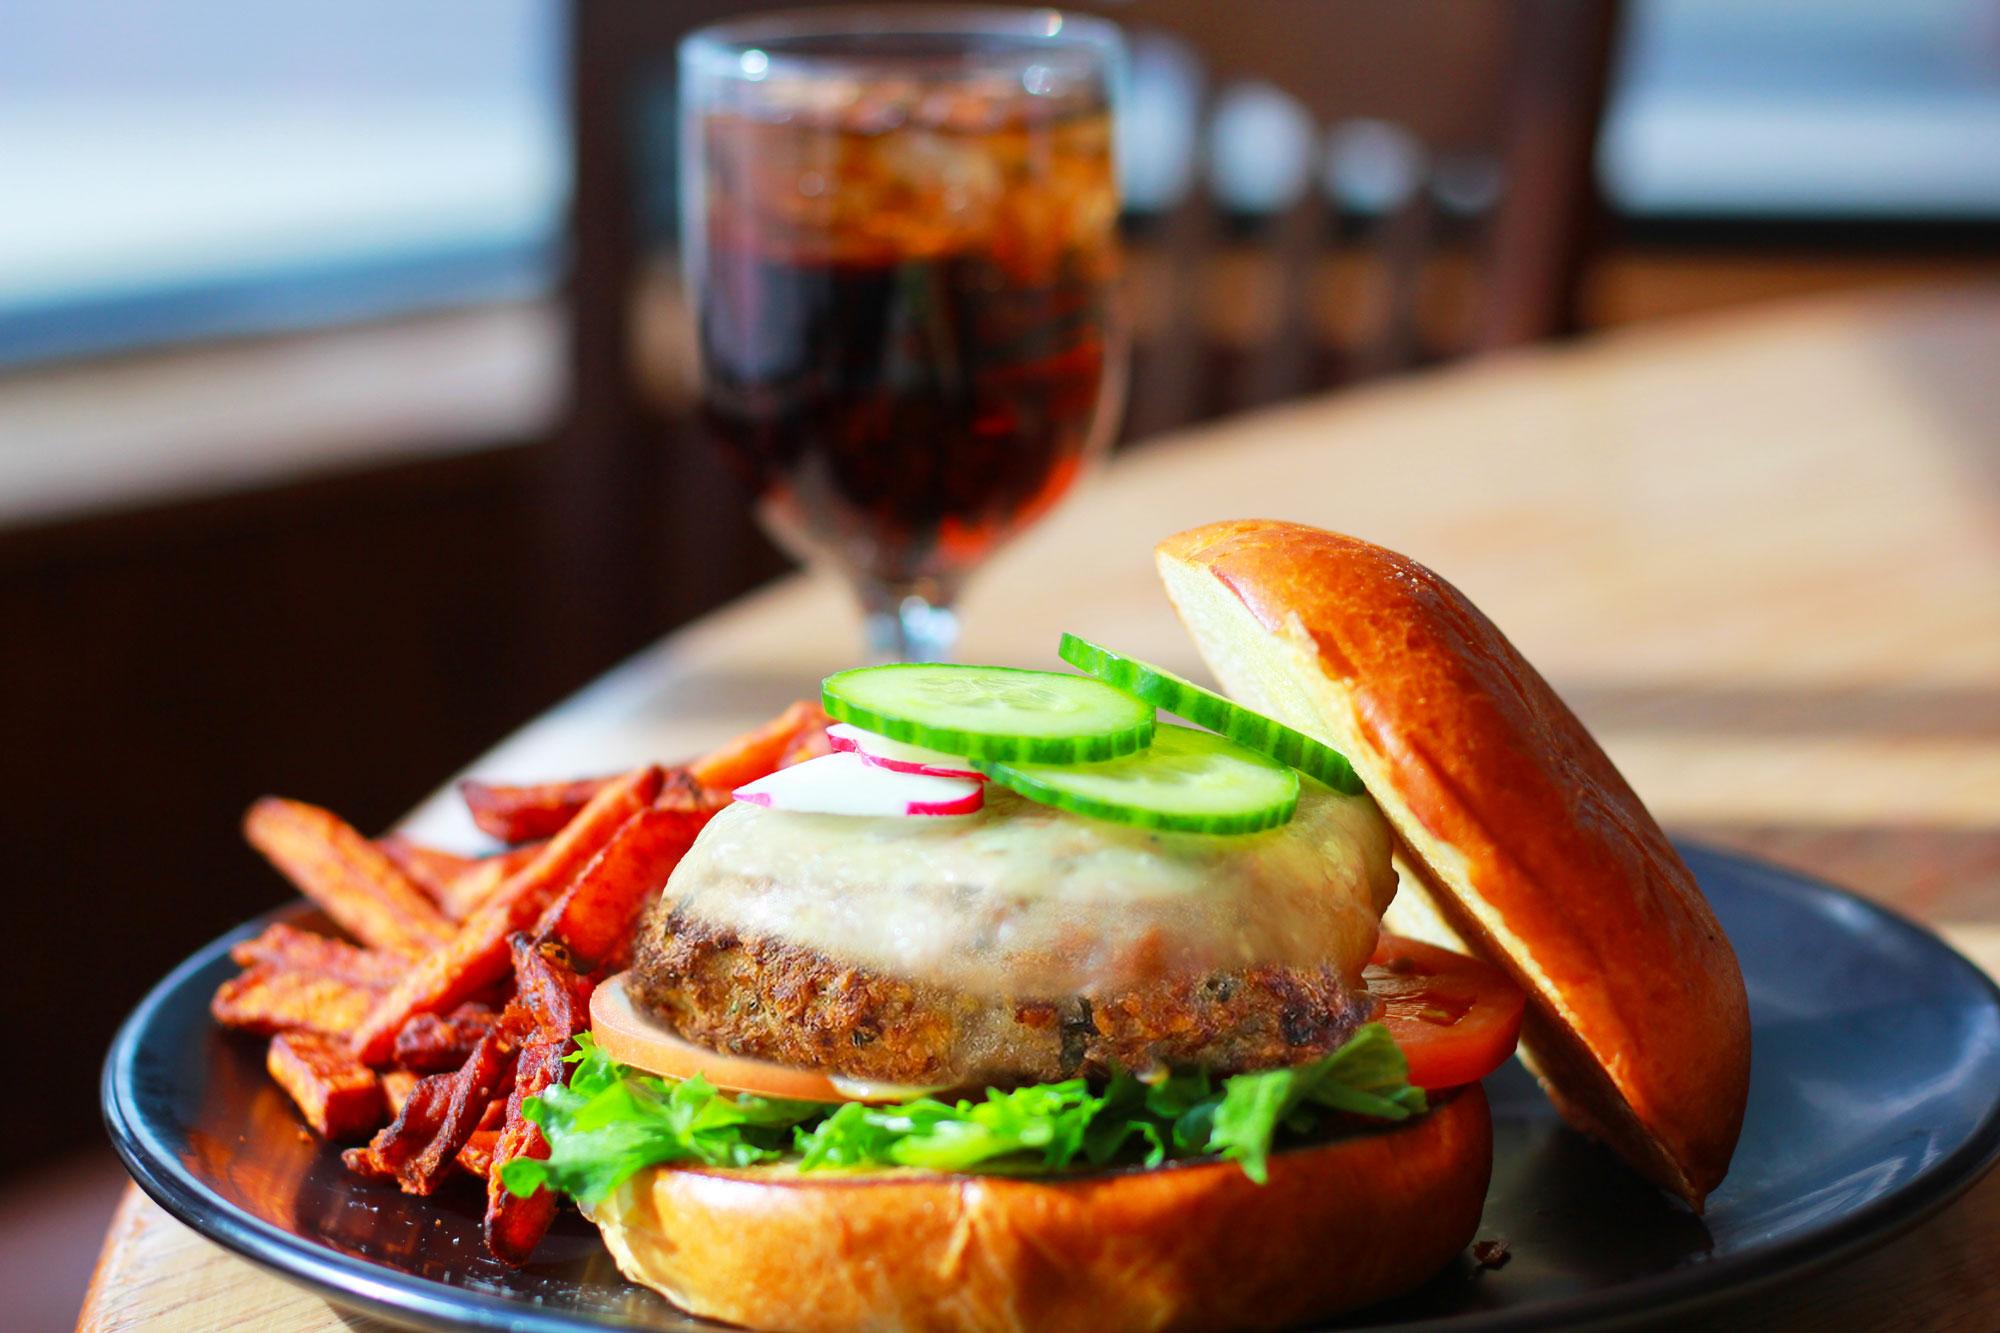 turkeyburger-rocburger.jpg